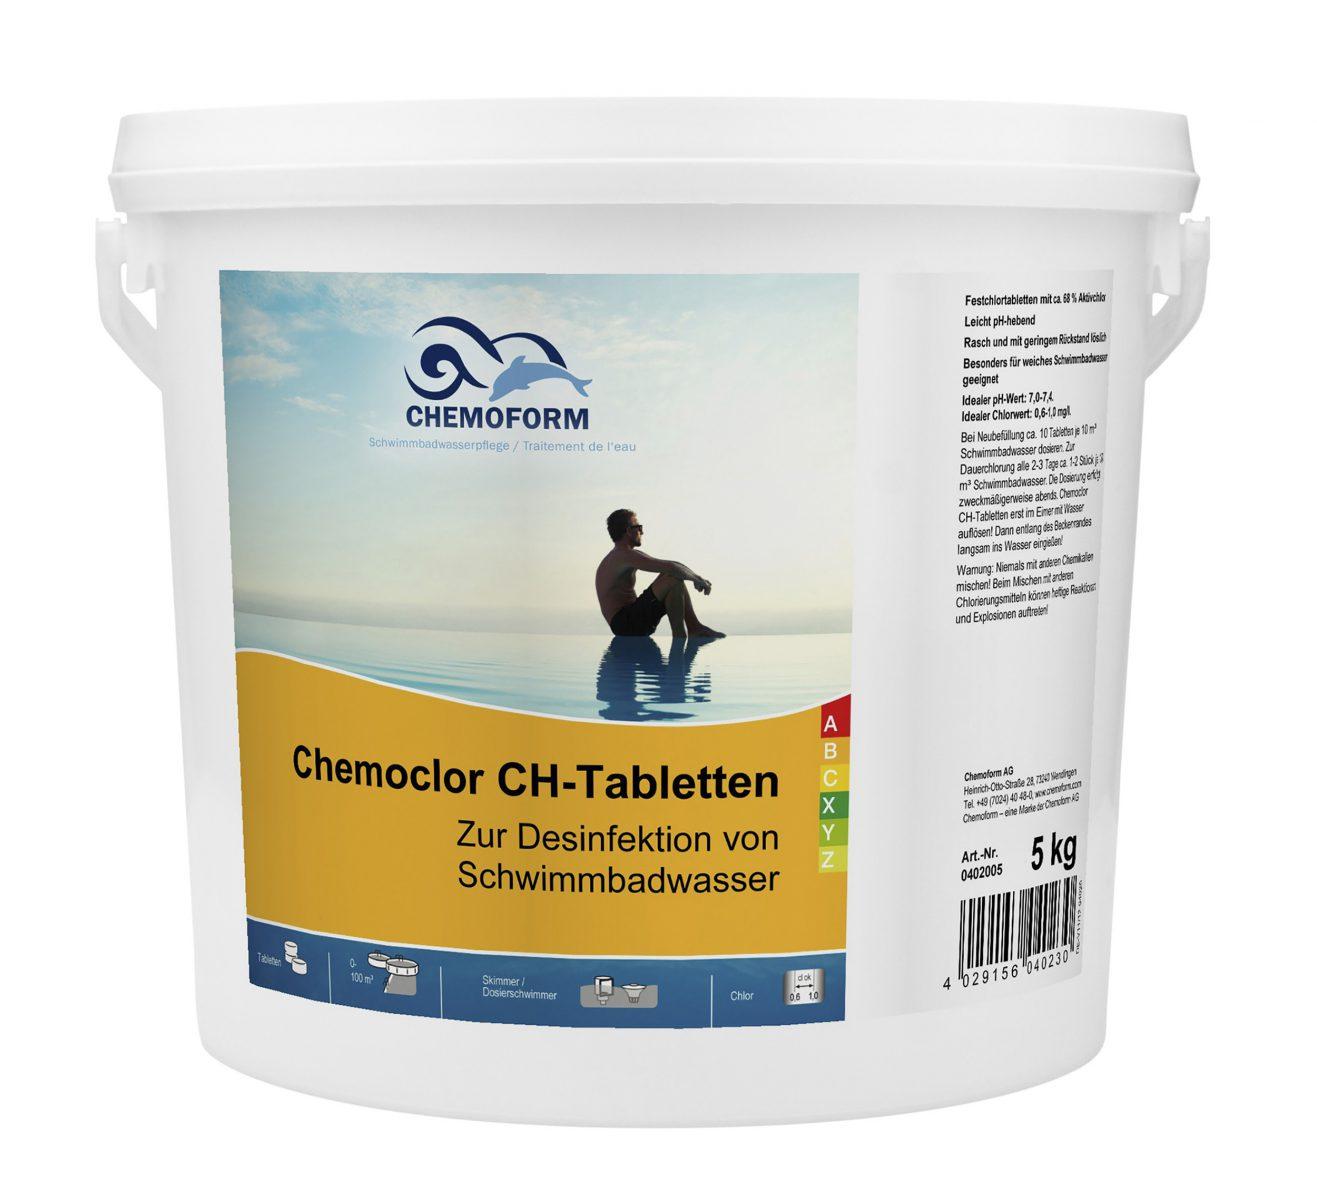 Хлор в таблетках для дезинфекции воды в бассейне и питьевой воды Кемохлор СН, 5 кг